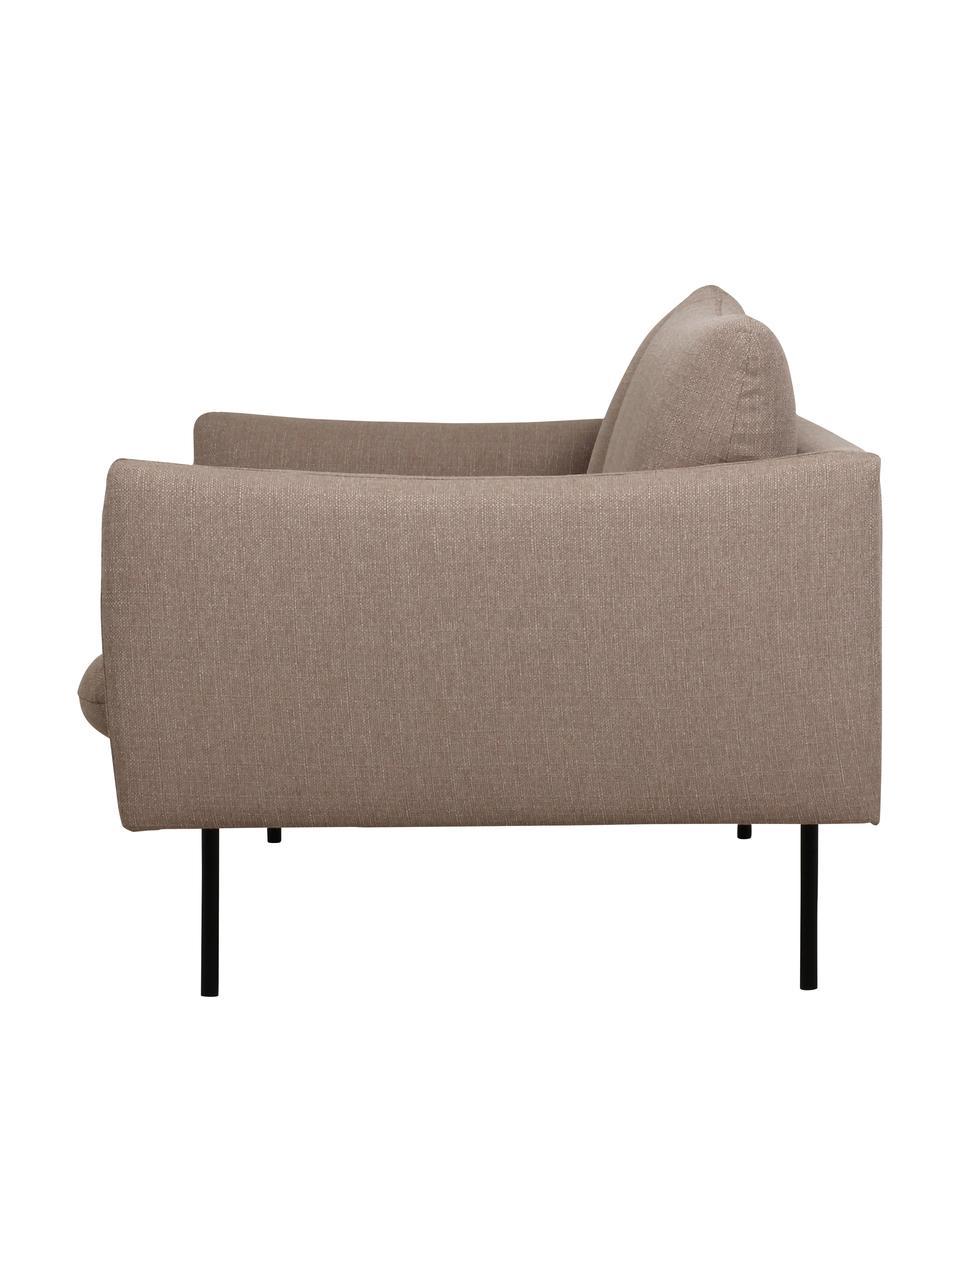 Canapé 2places taupe avec pieds en métal Moby, Tissu taupe